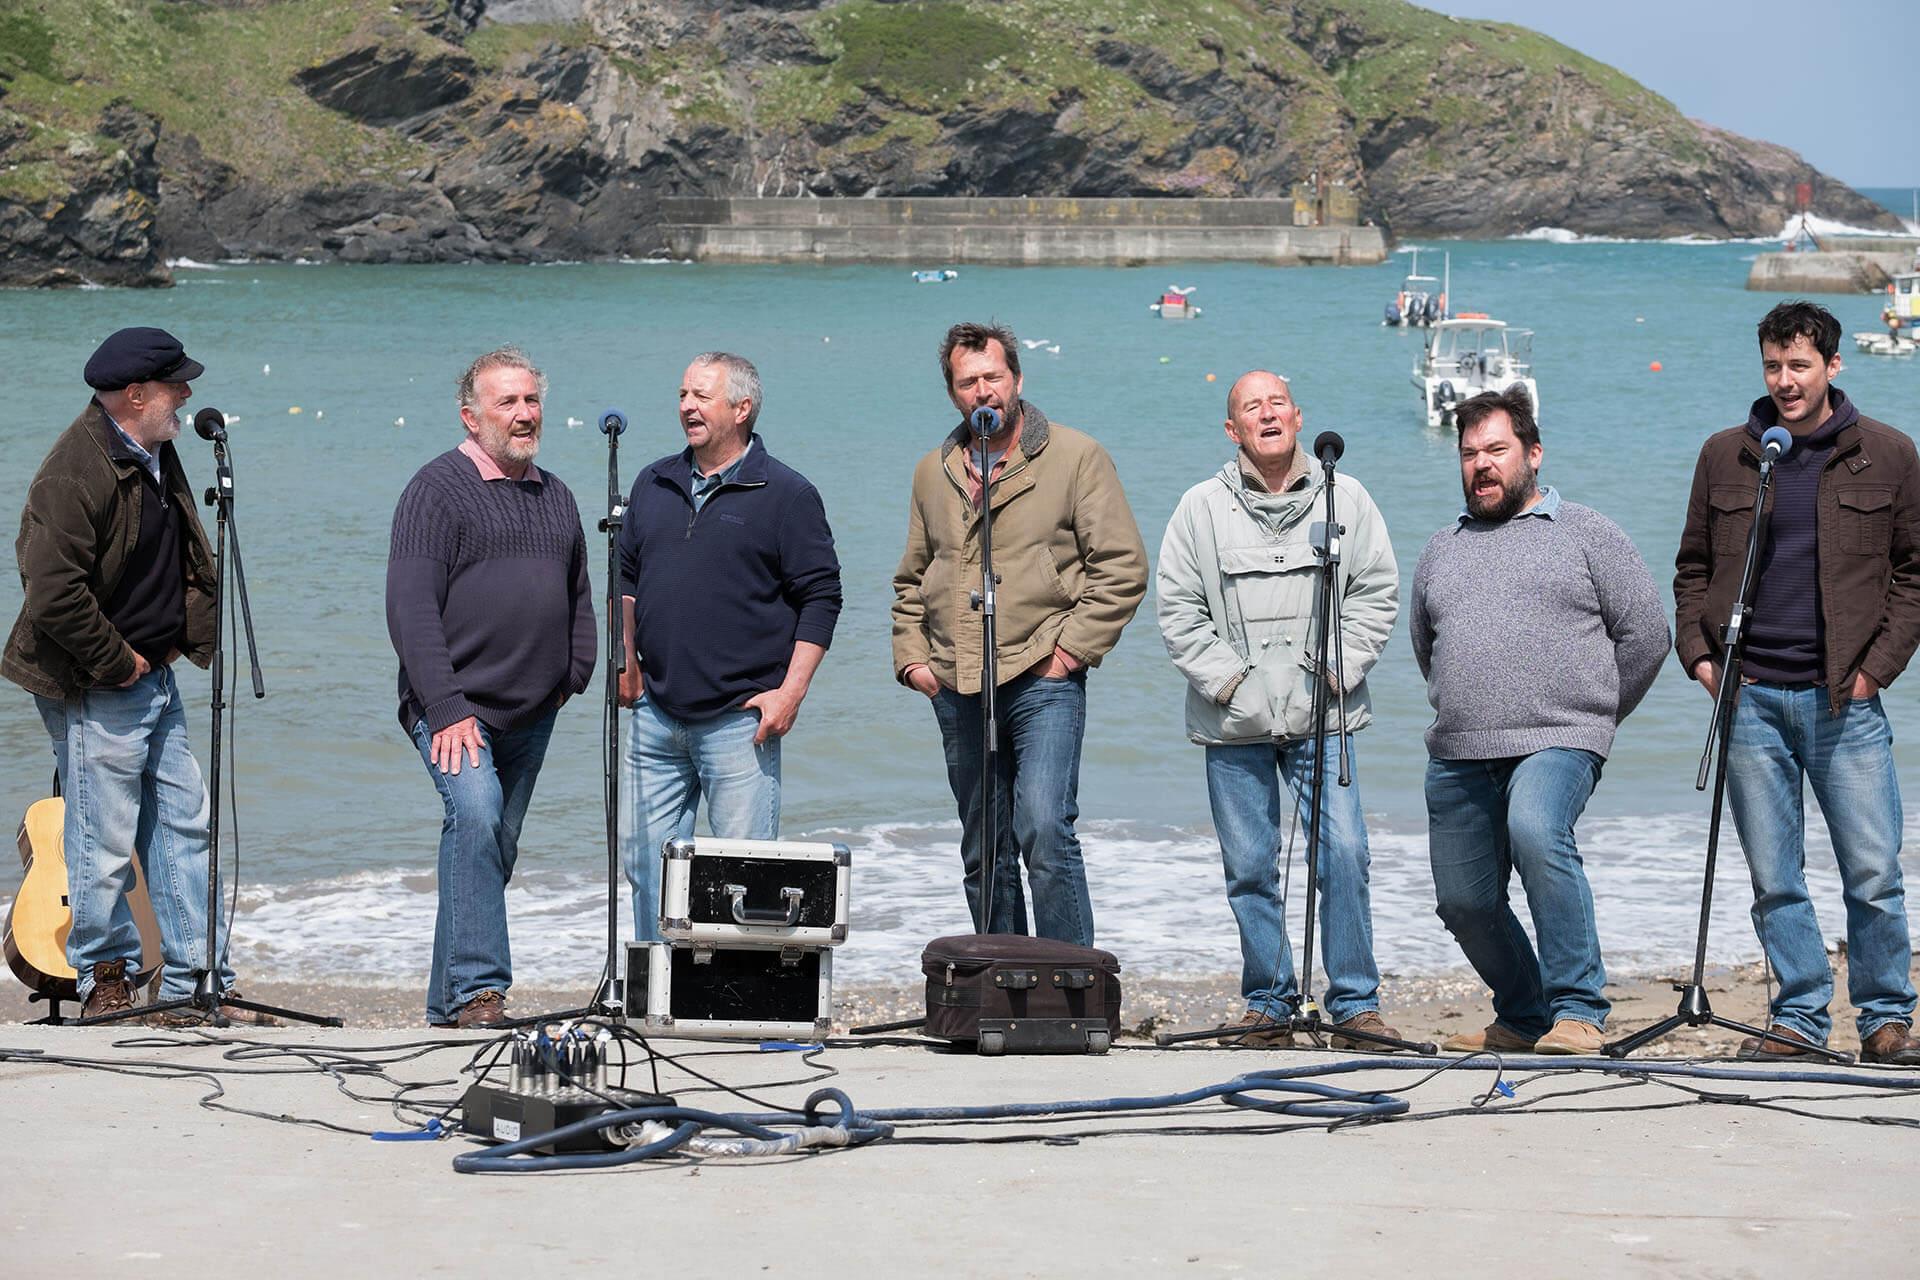 Fisherman's Friends - Still